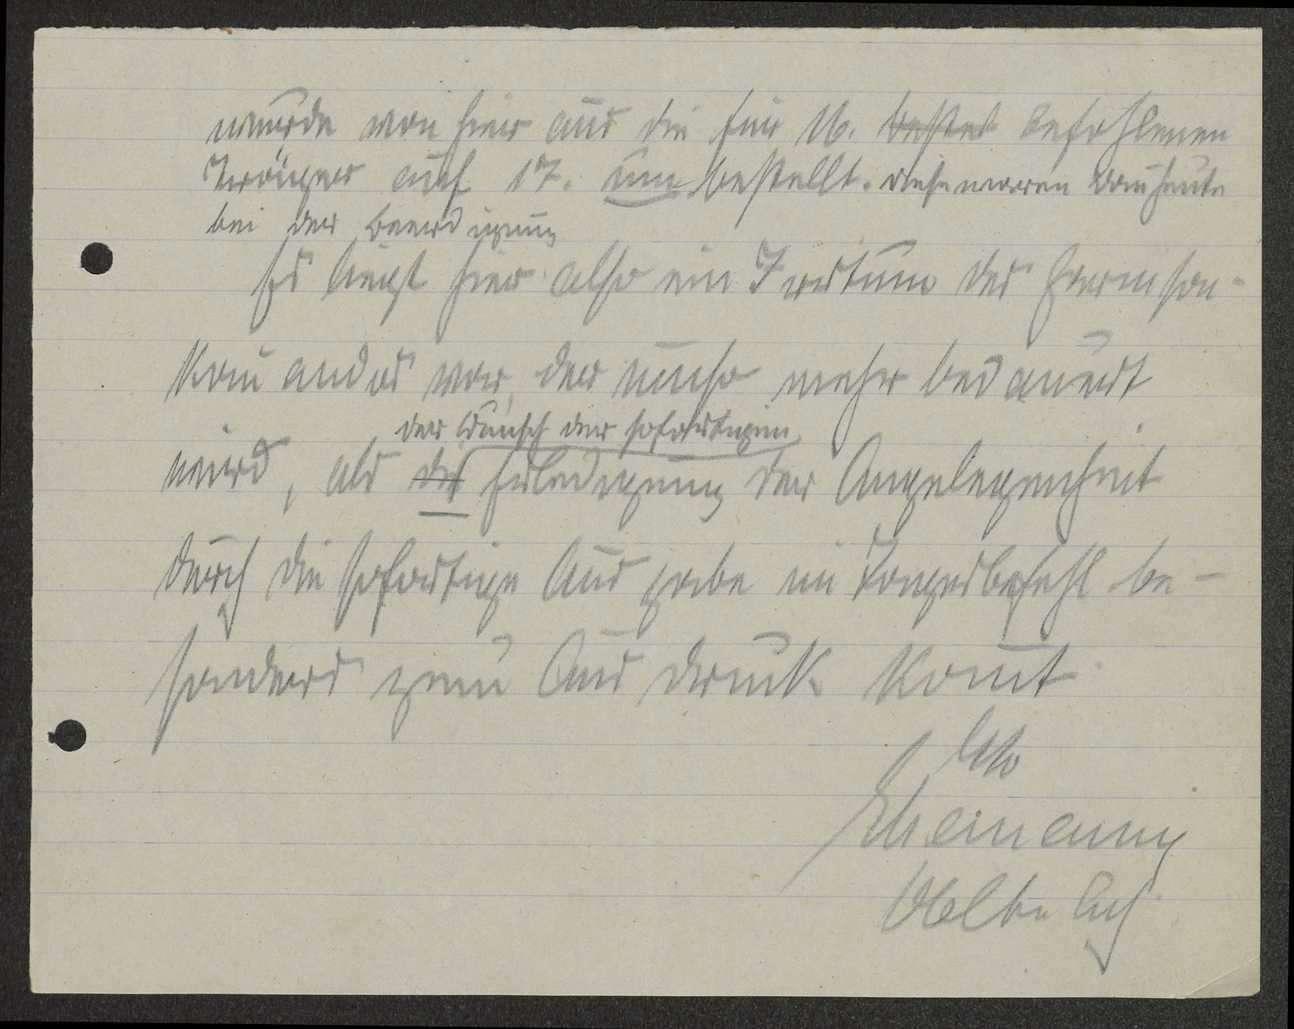 Klärung der Beschwerde des Reserve-Lazaretts III Tübingen über das Ausbleiben einer für eine Beerdigung bestellten militärischen Abordnung, Bild 3